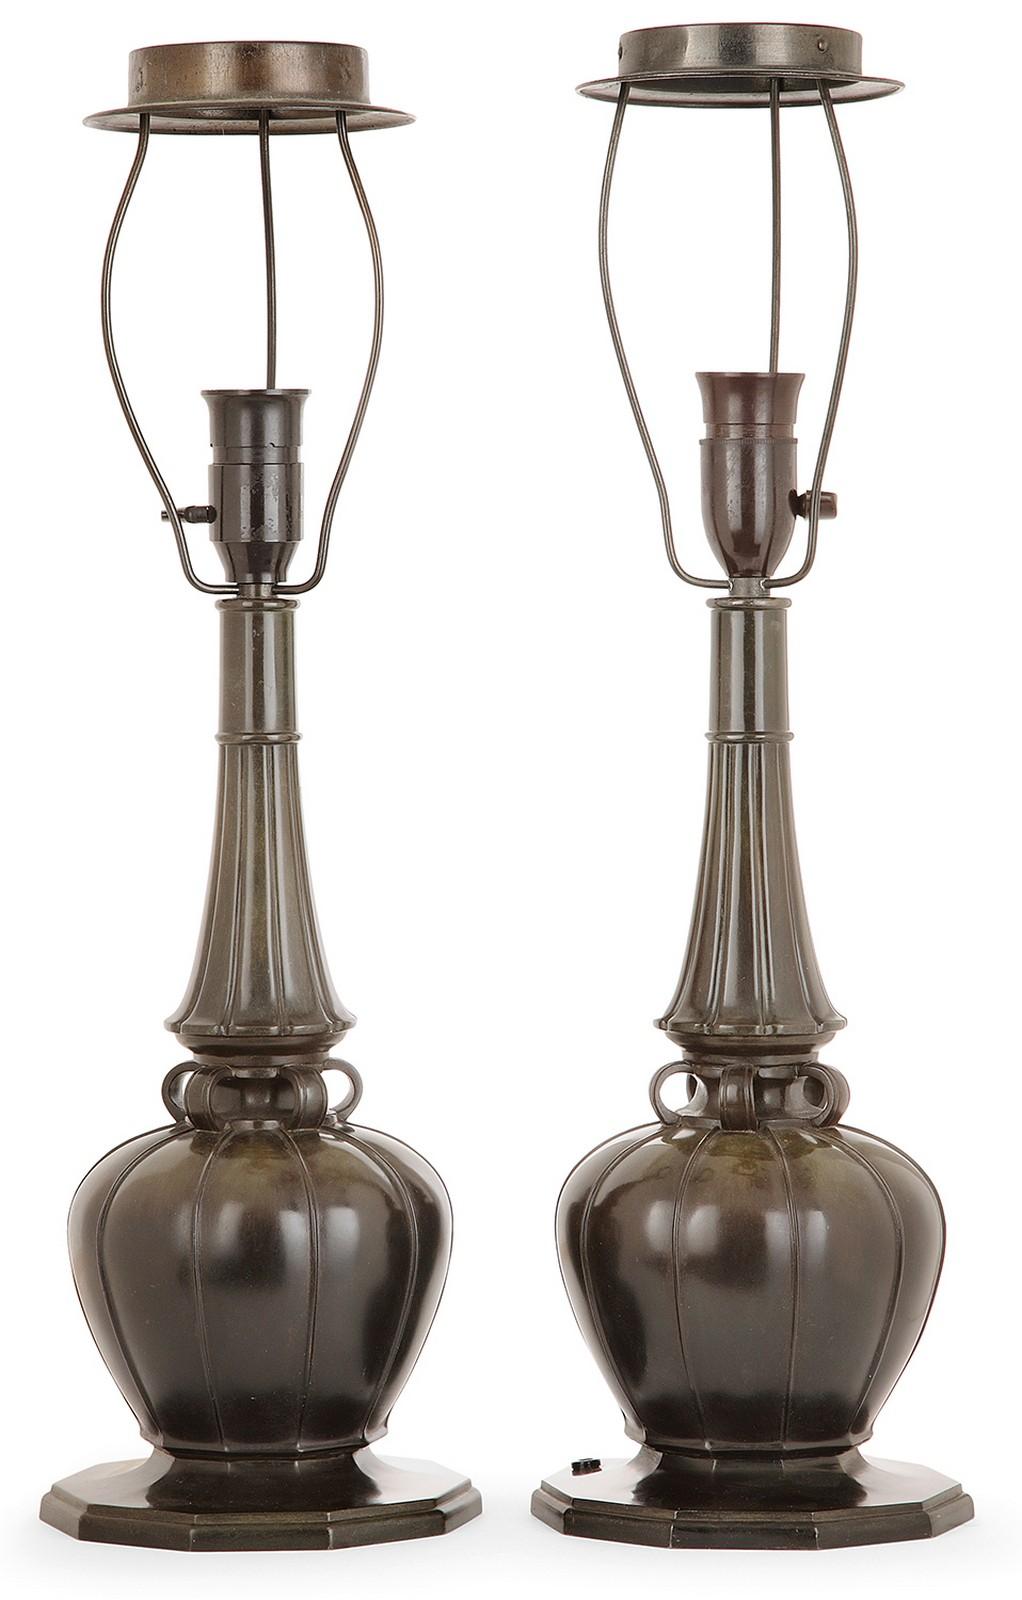 Pied De Lampe Am Pm just andersen (1884-1943) paire de pieds de lampe d